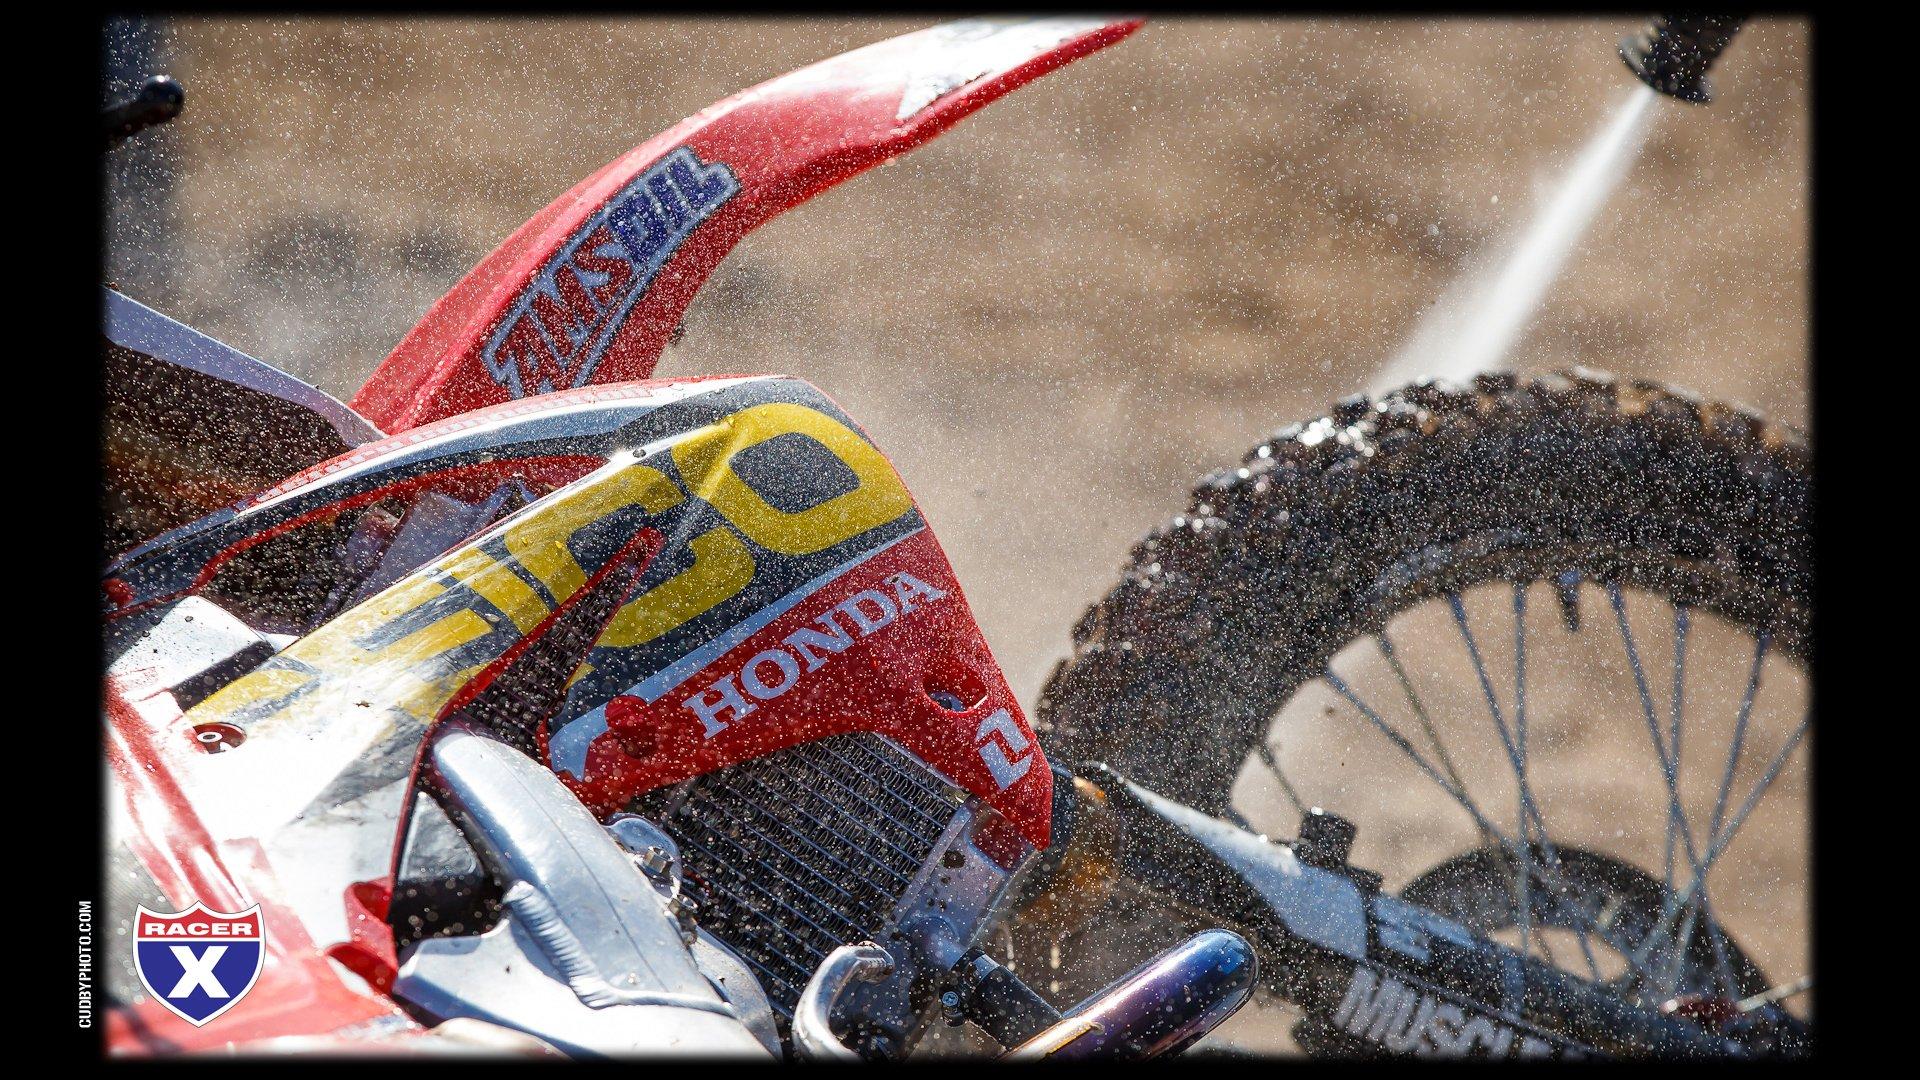 Honda Of Covington >> Vegas Wallpapers - Supercross - Racer X Online